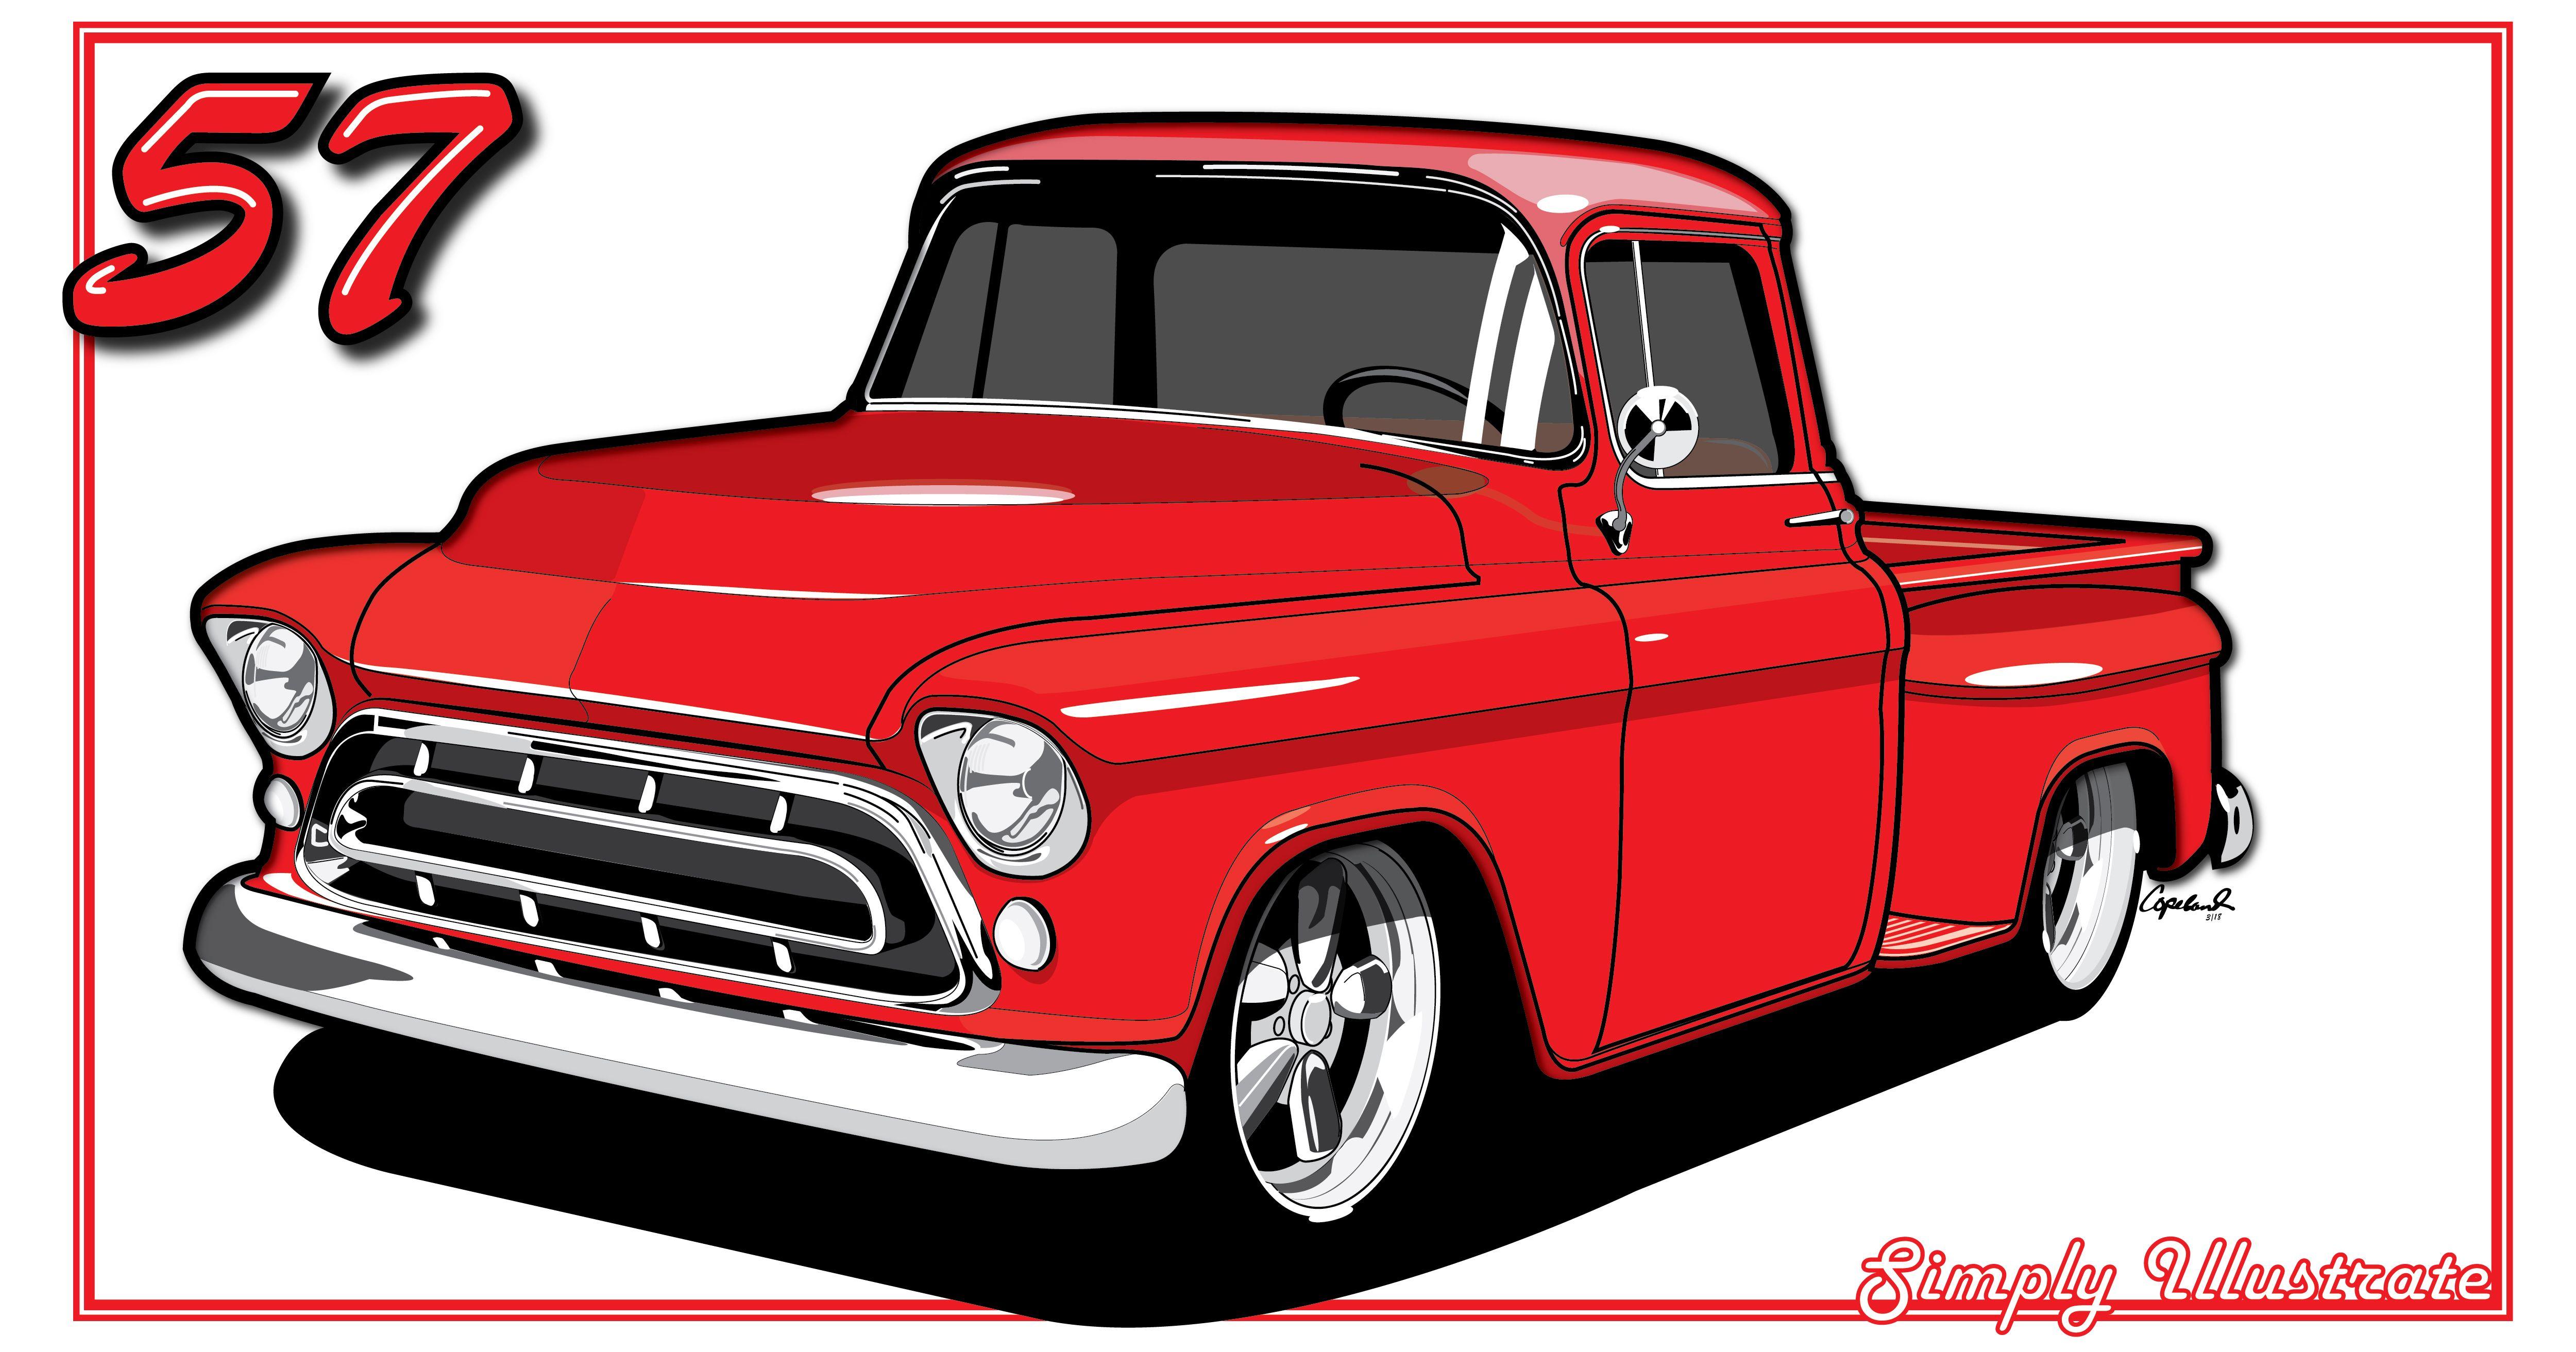 Chevy Silverado Drawing | Free download best Chevy Silverado